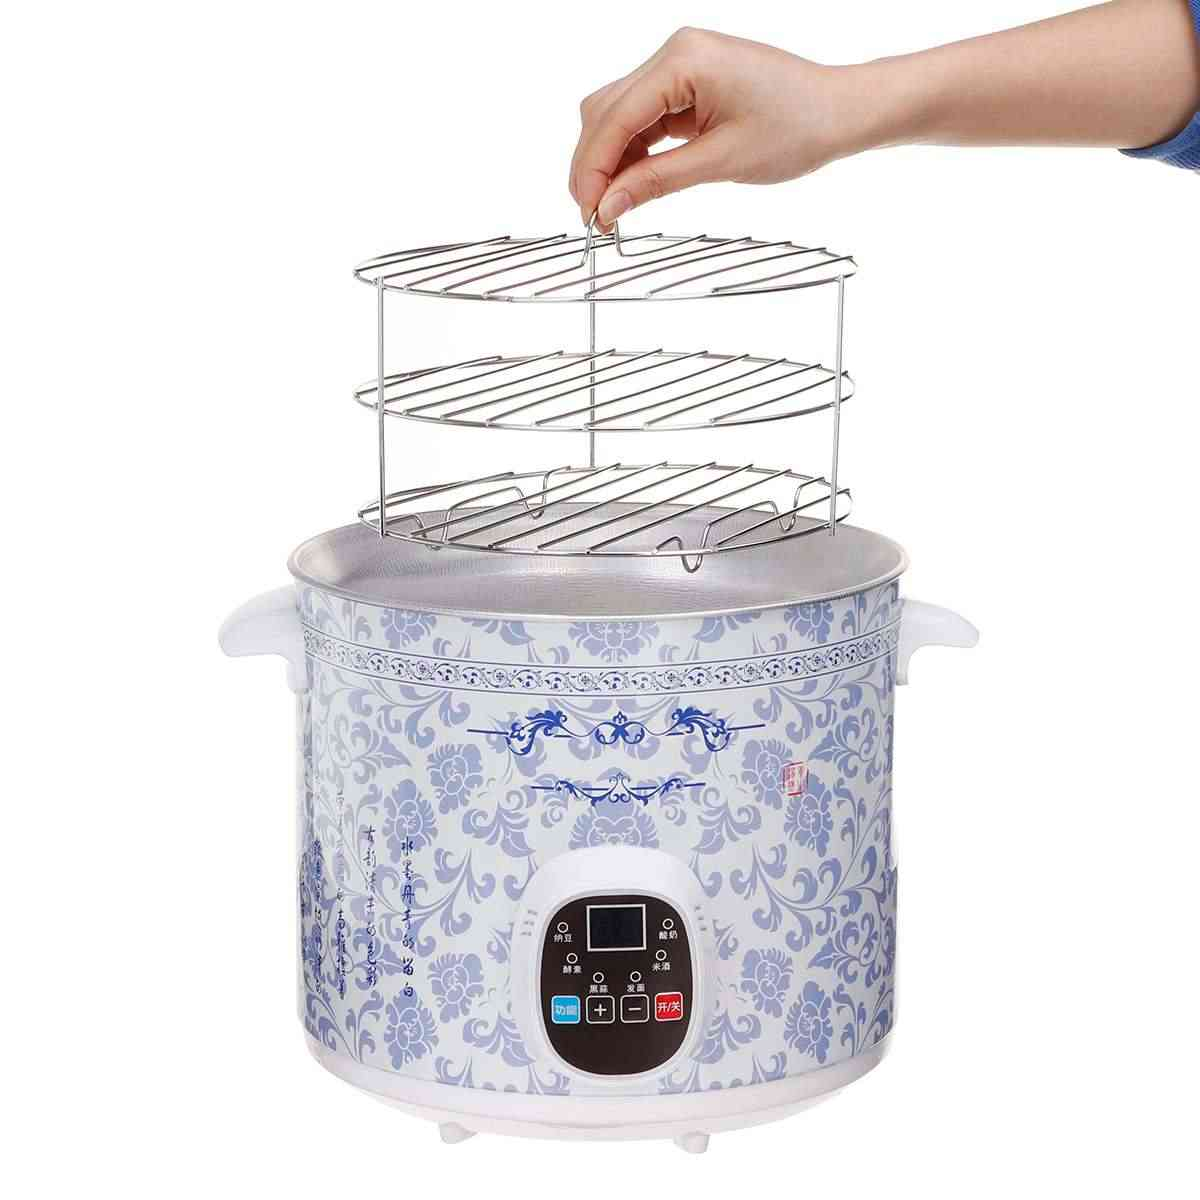 6L автоматический черный чеснок ферментер дома DIY 220V Многофункциональный Zymolysis йогурт производитель Natto рисовое оборудование для производства вина Новое поступление 2019